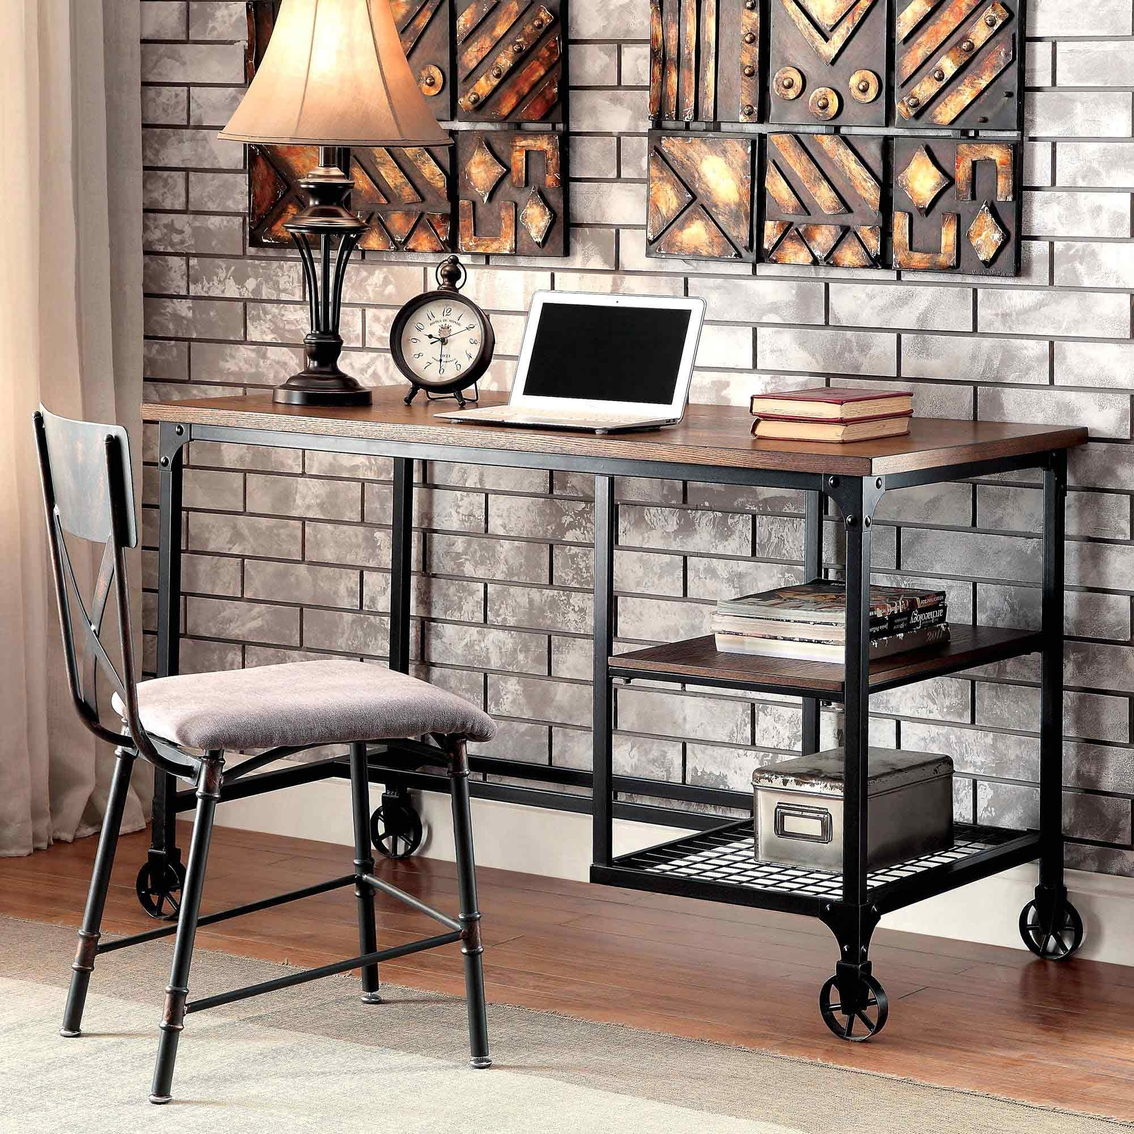 Furniture Of America Cori Metal Desk With Wheels